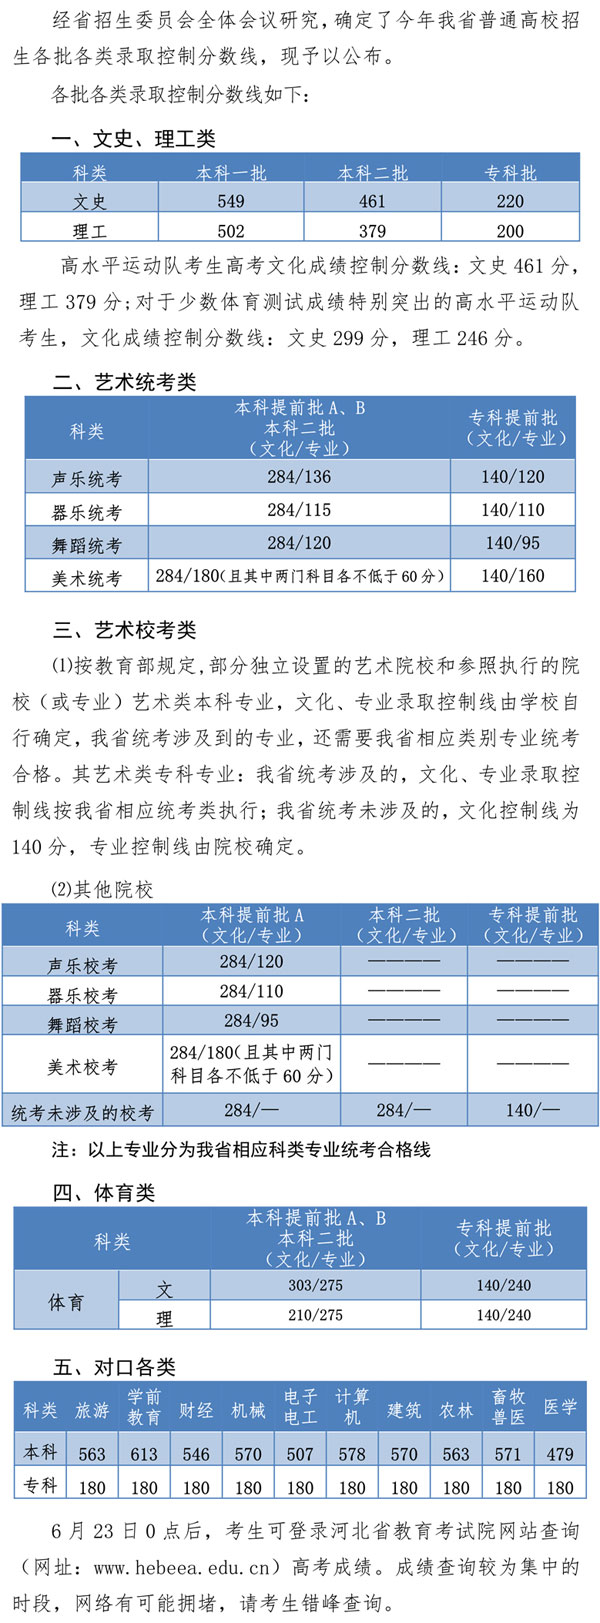 2019年河北省高考各批各类录取控制分数线